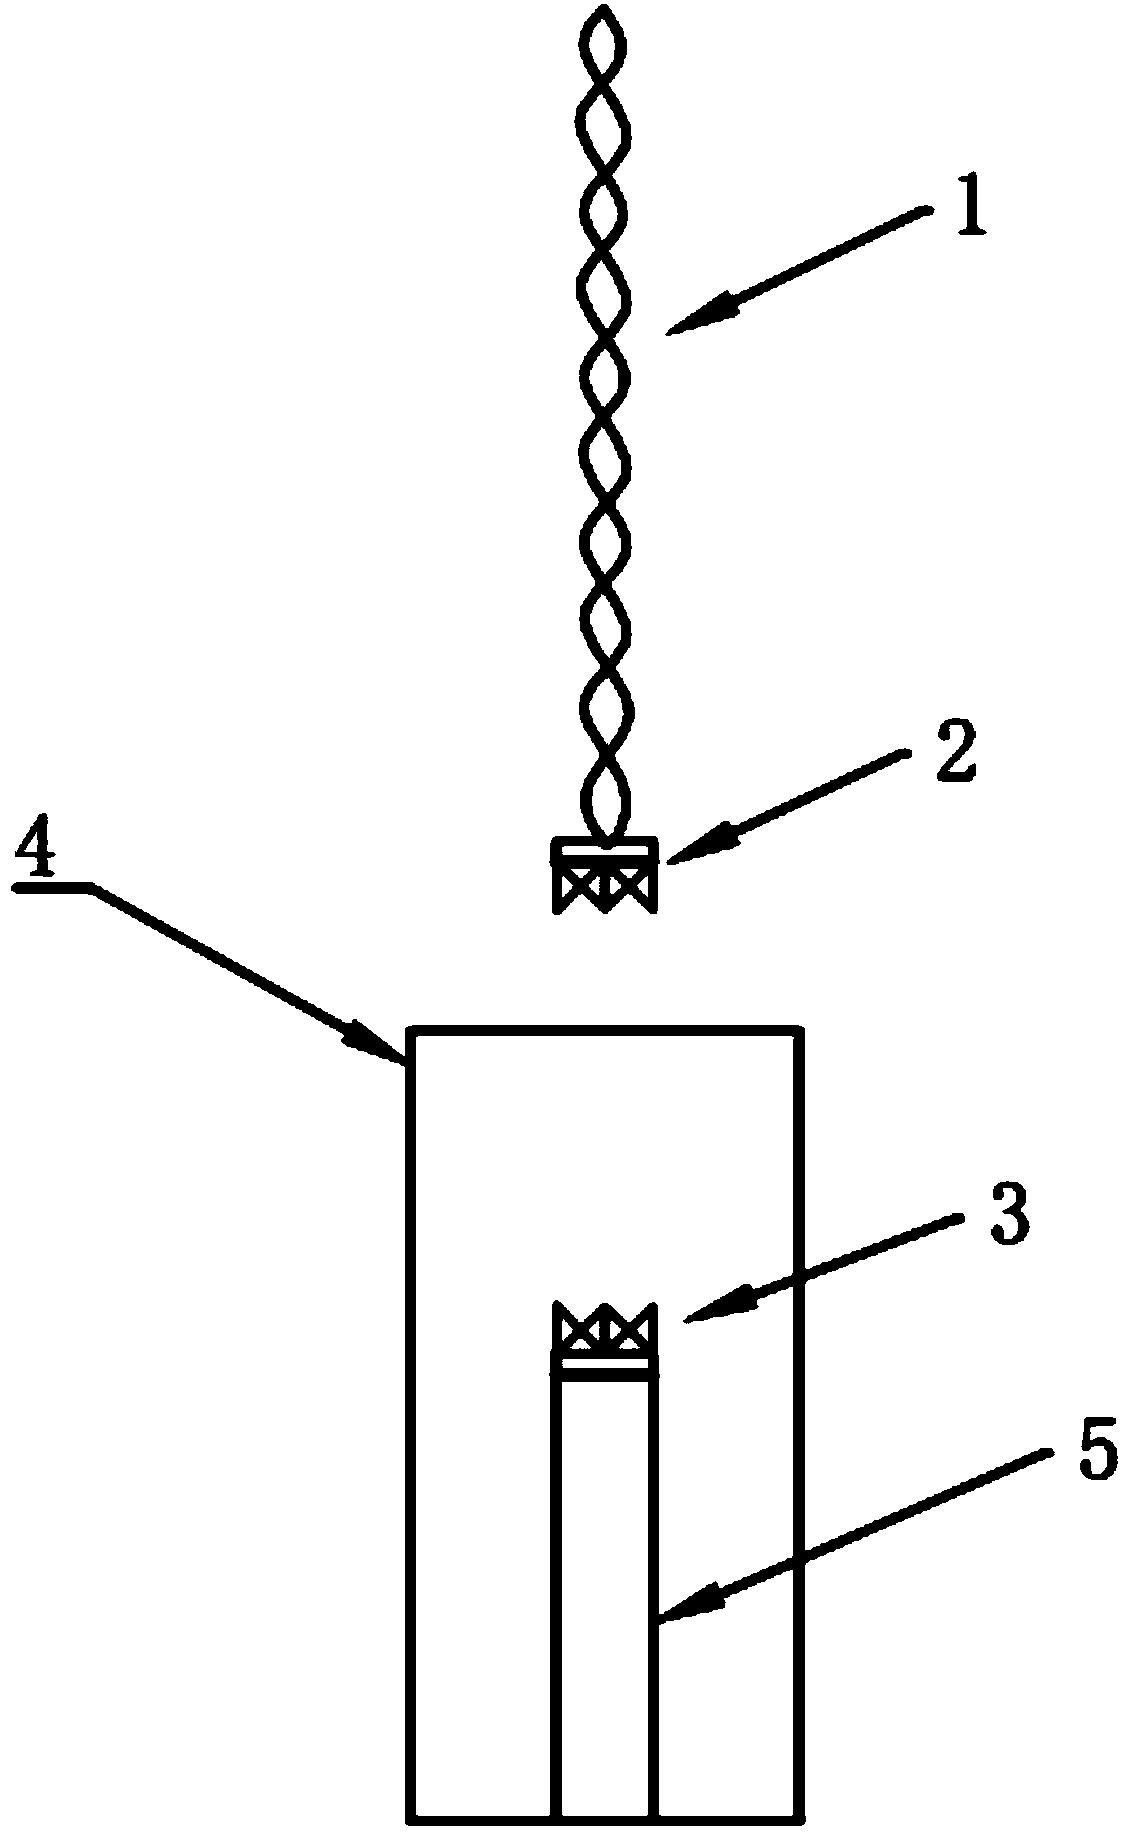 手压式甩干机(公开号:CN203654019U)